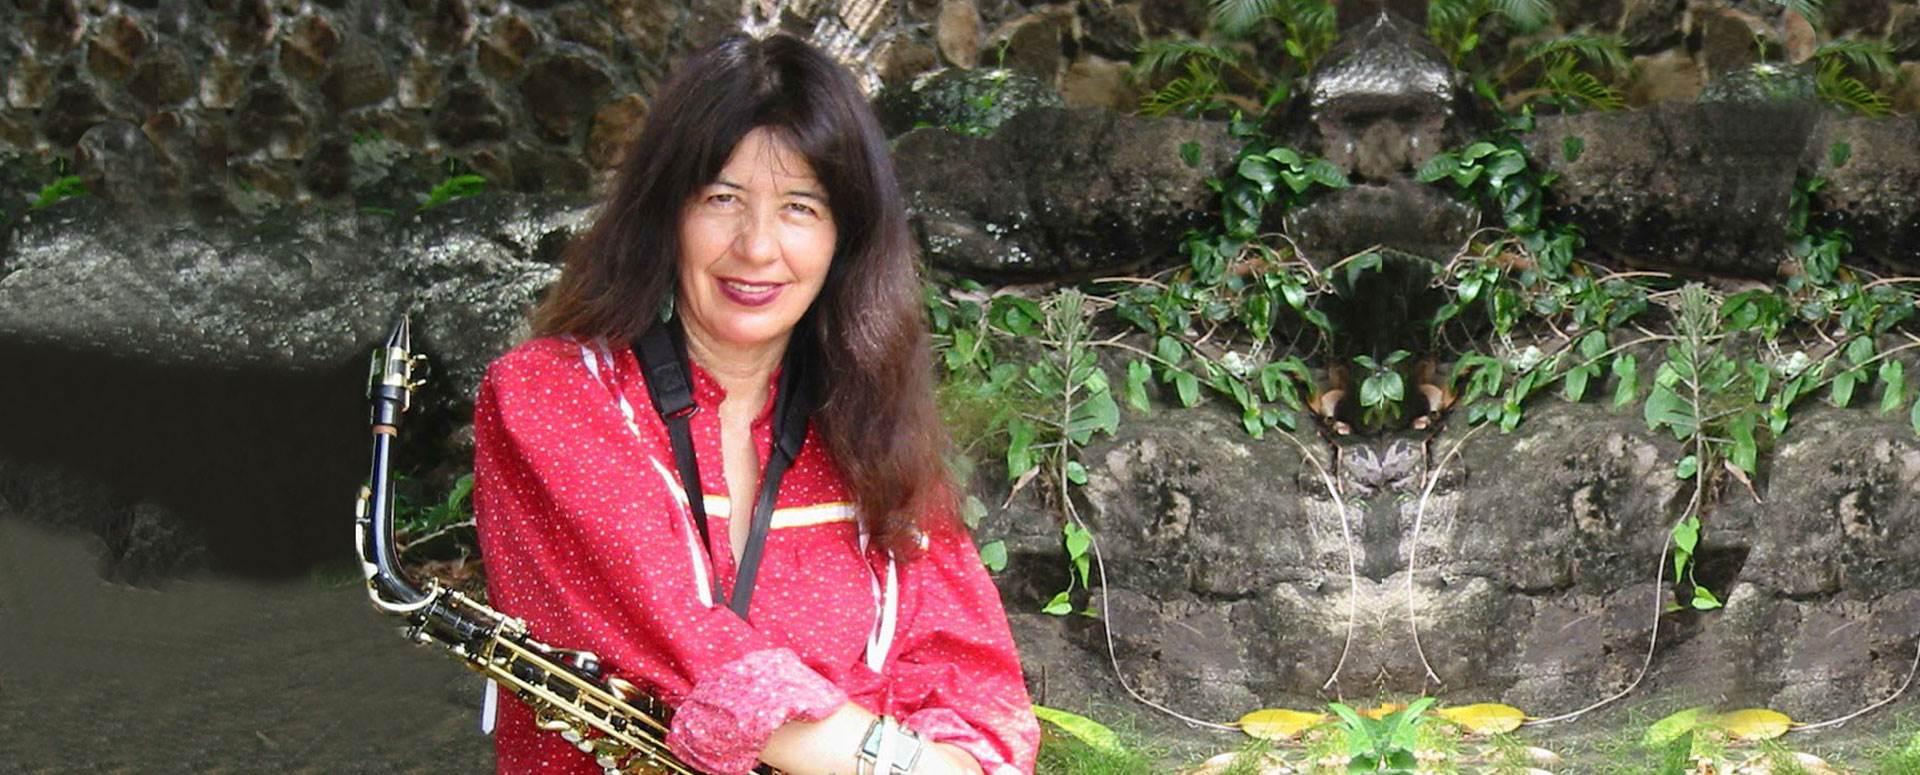 Poet Laureate, Poetry, Joy Harjo